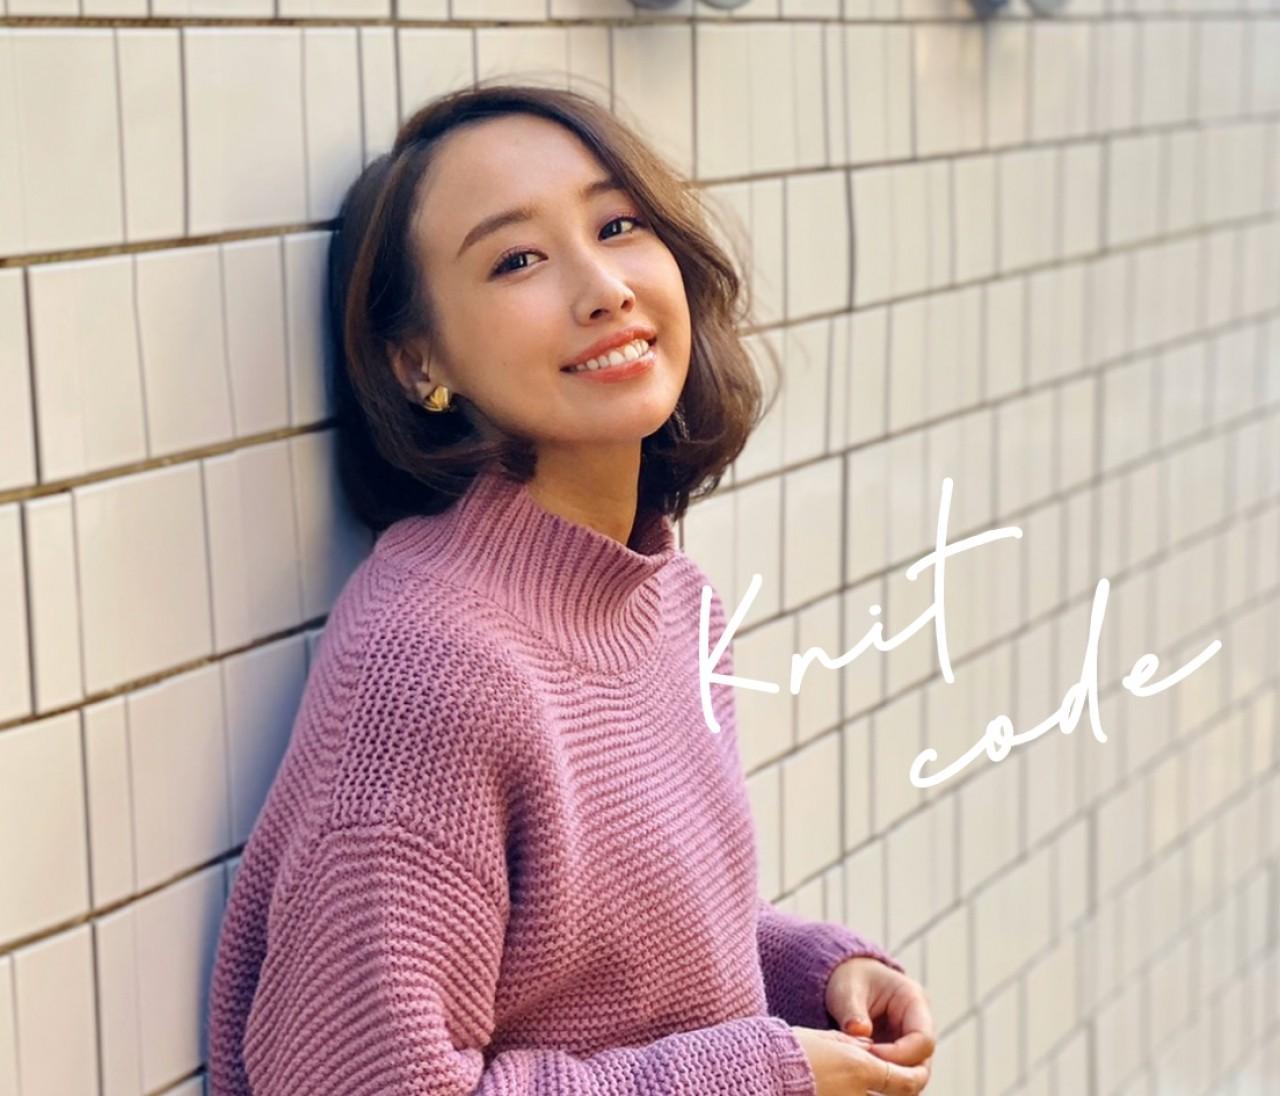 【甘口フェミニン】秋カラー♡くすみピンクニットを使ったコーデ